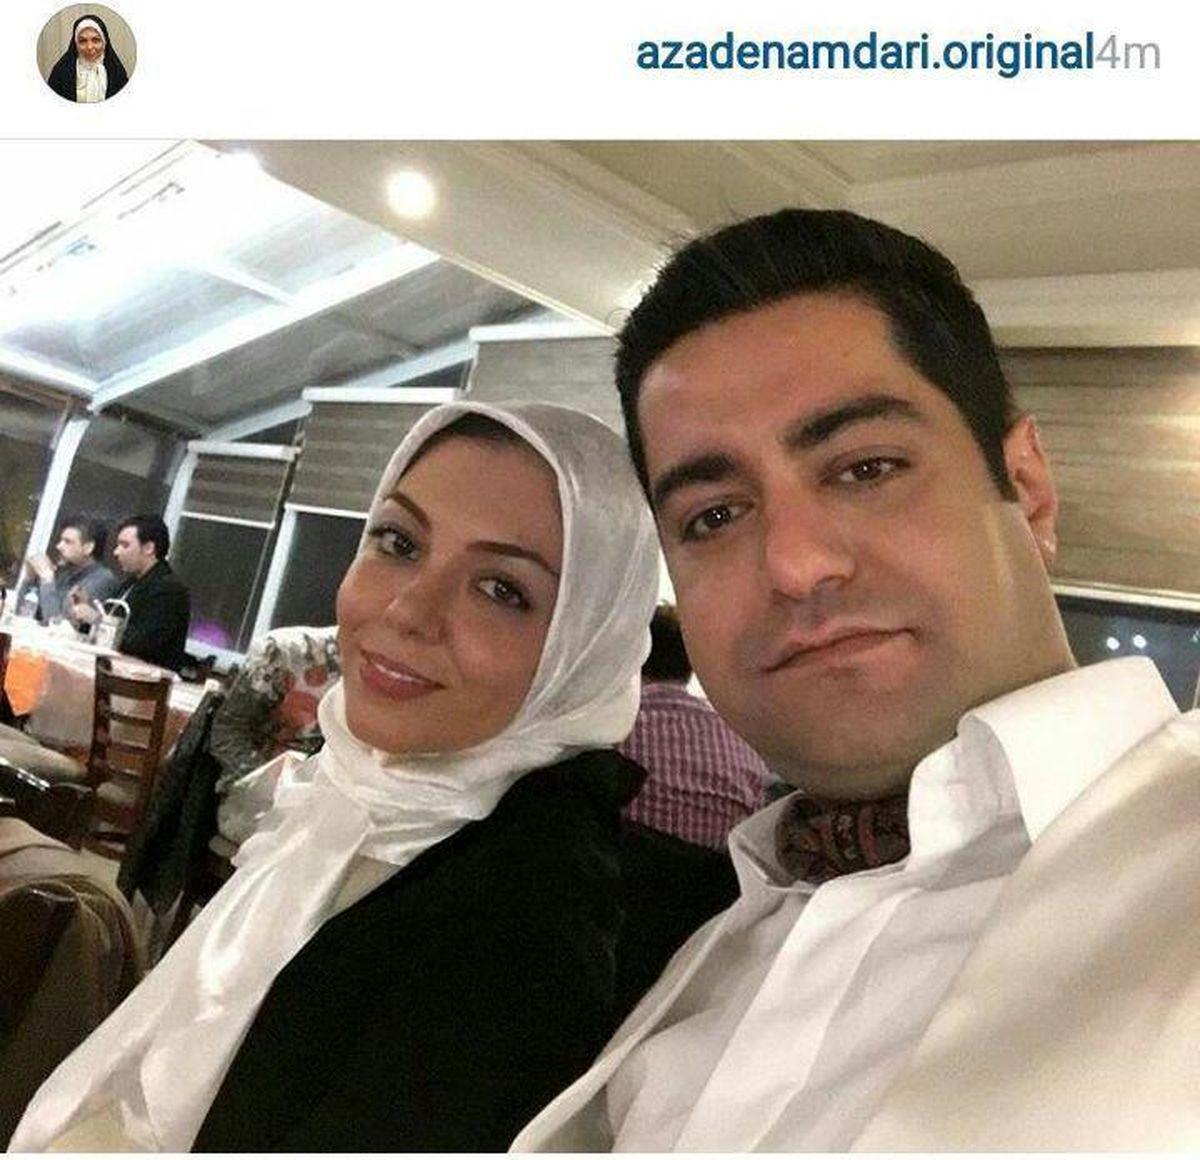 بیوگرافی آزاده نامداری + تصاویر همسرش